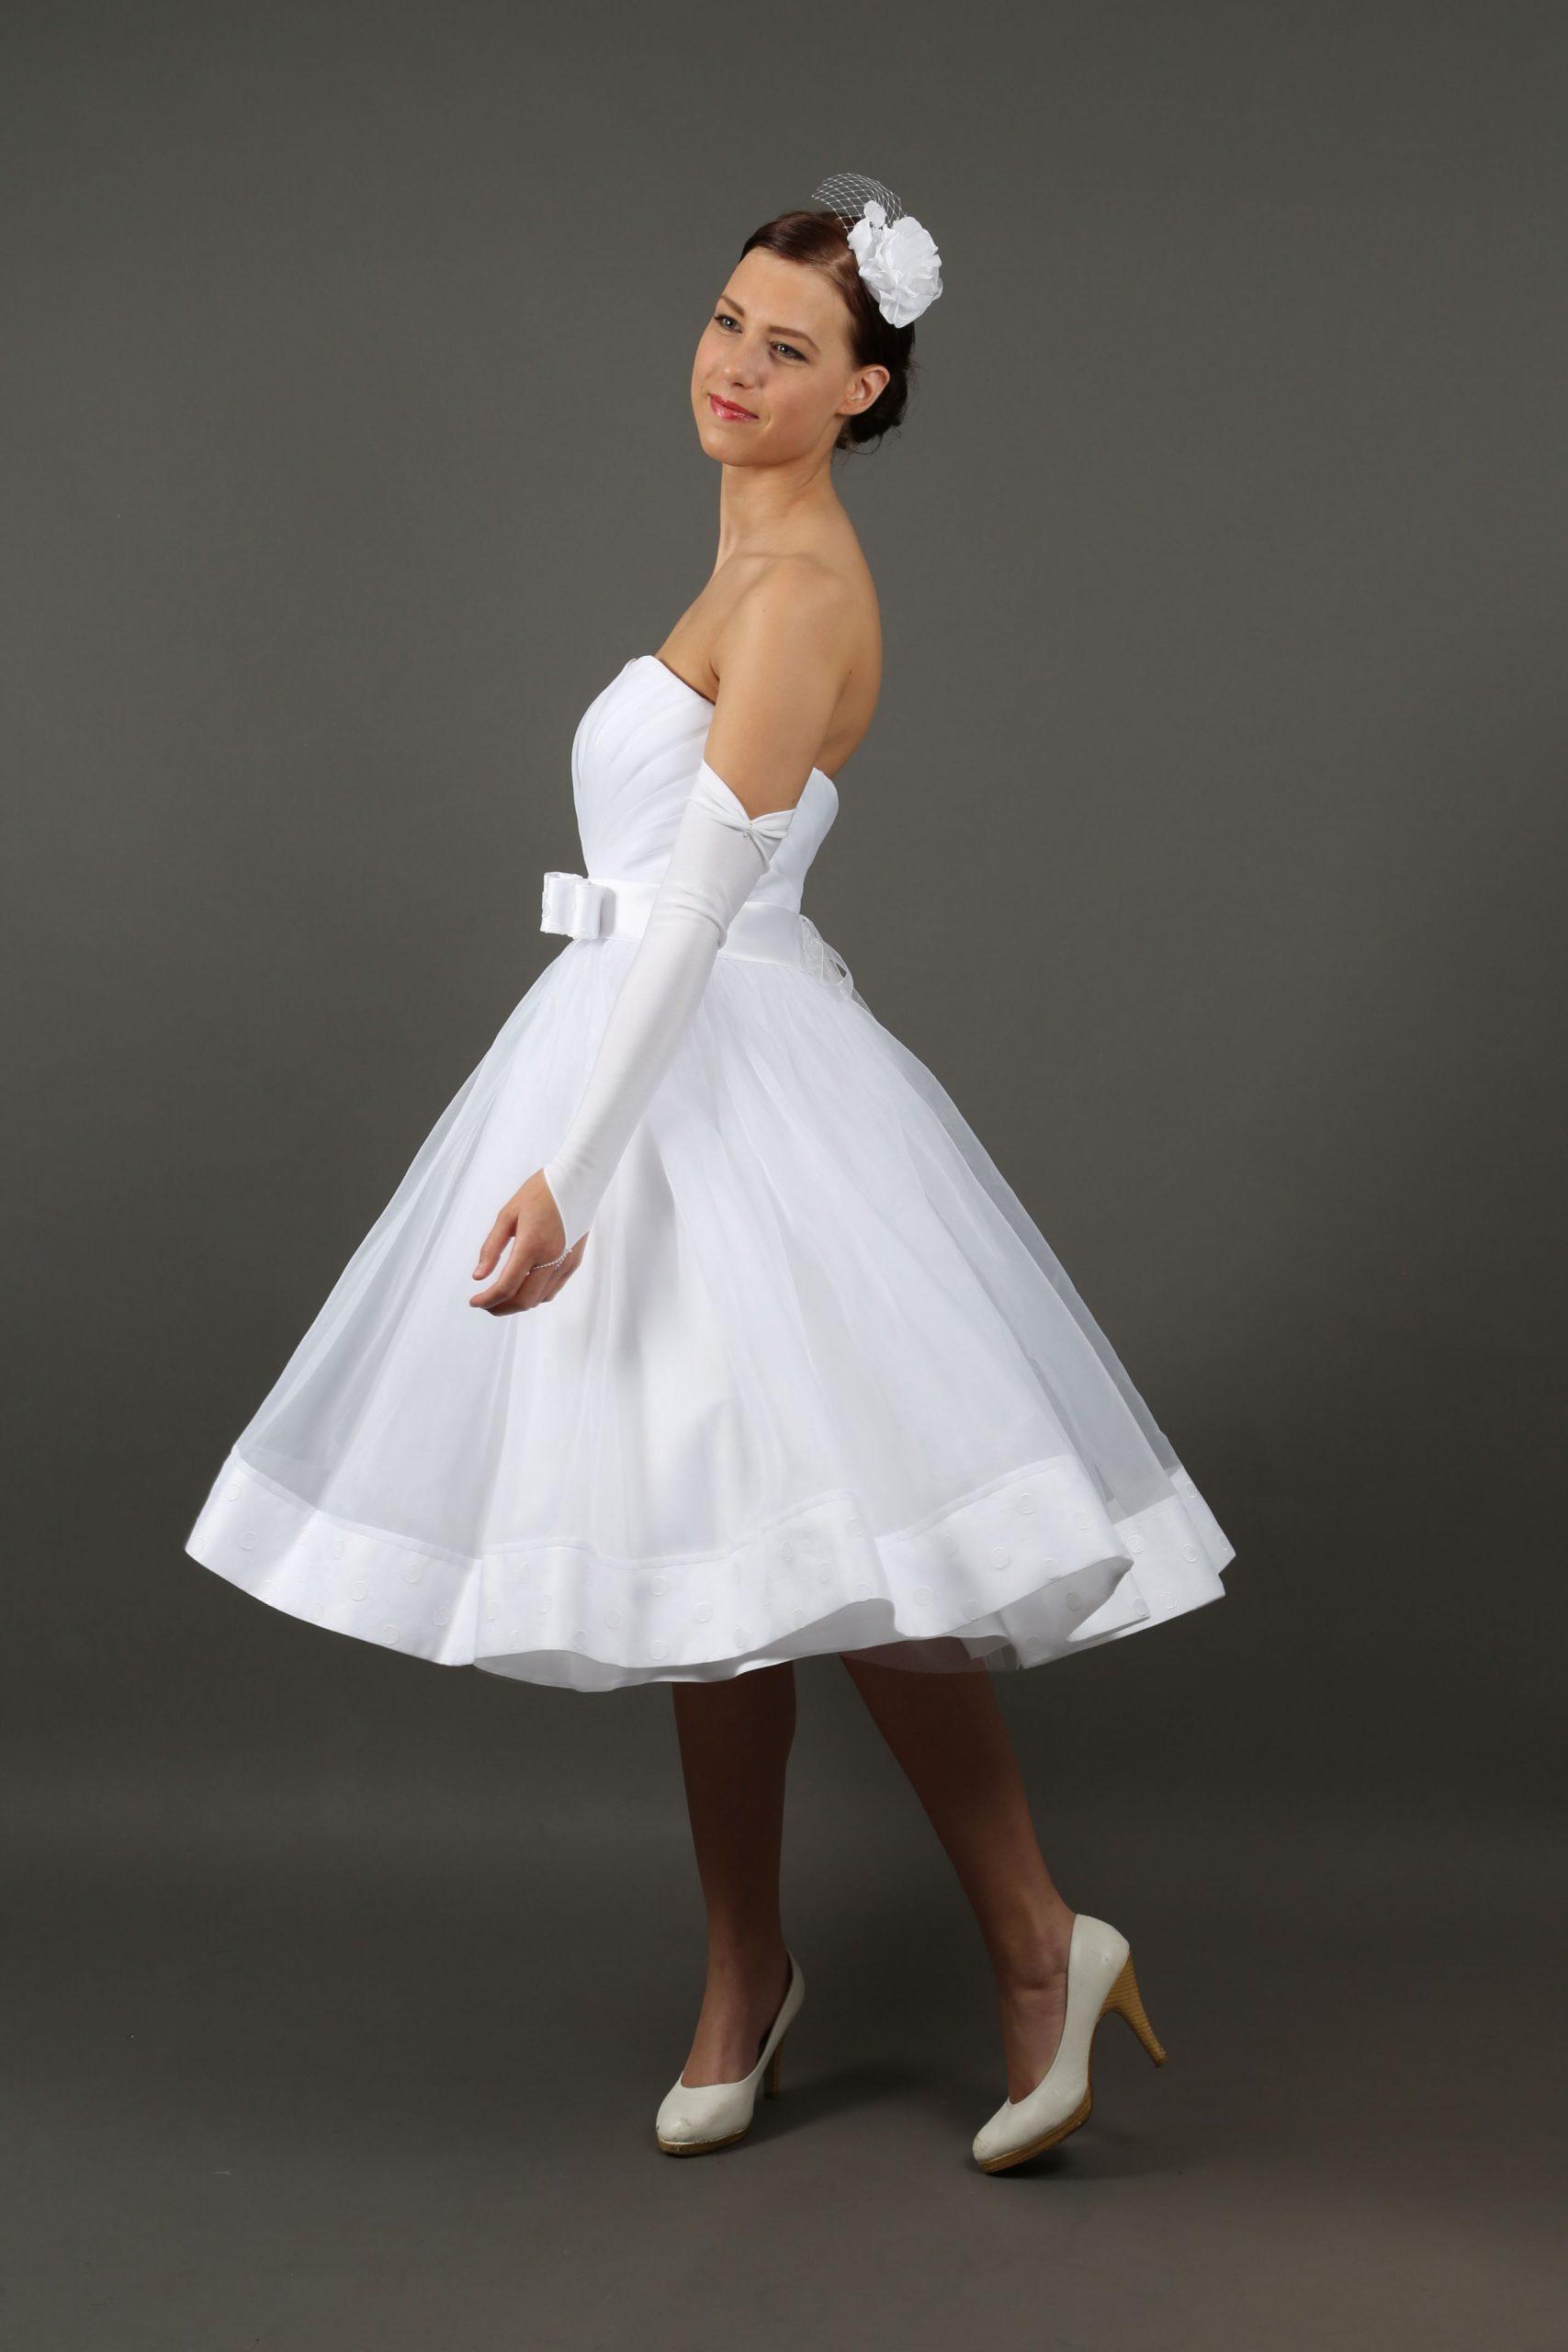 Kleiderfreuden.de Rockabilly Brautkleid In Weiß